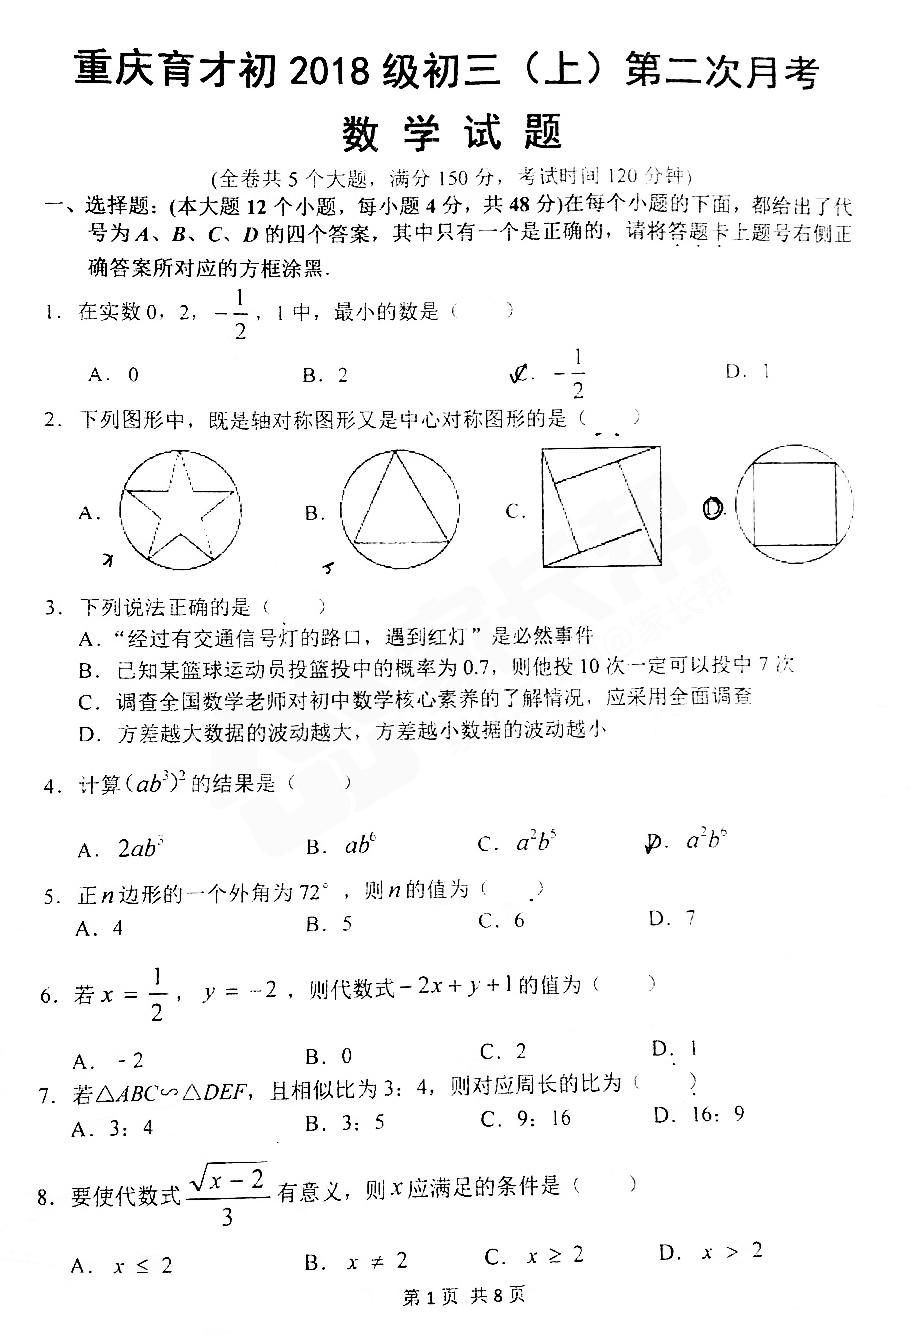 2018重庆育才中学初三上12月数学月考试题(图片版)